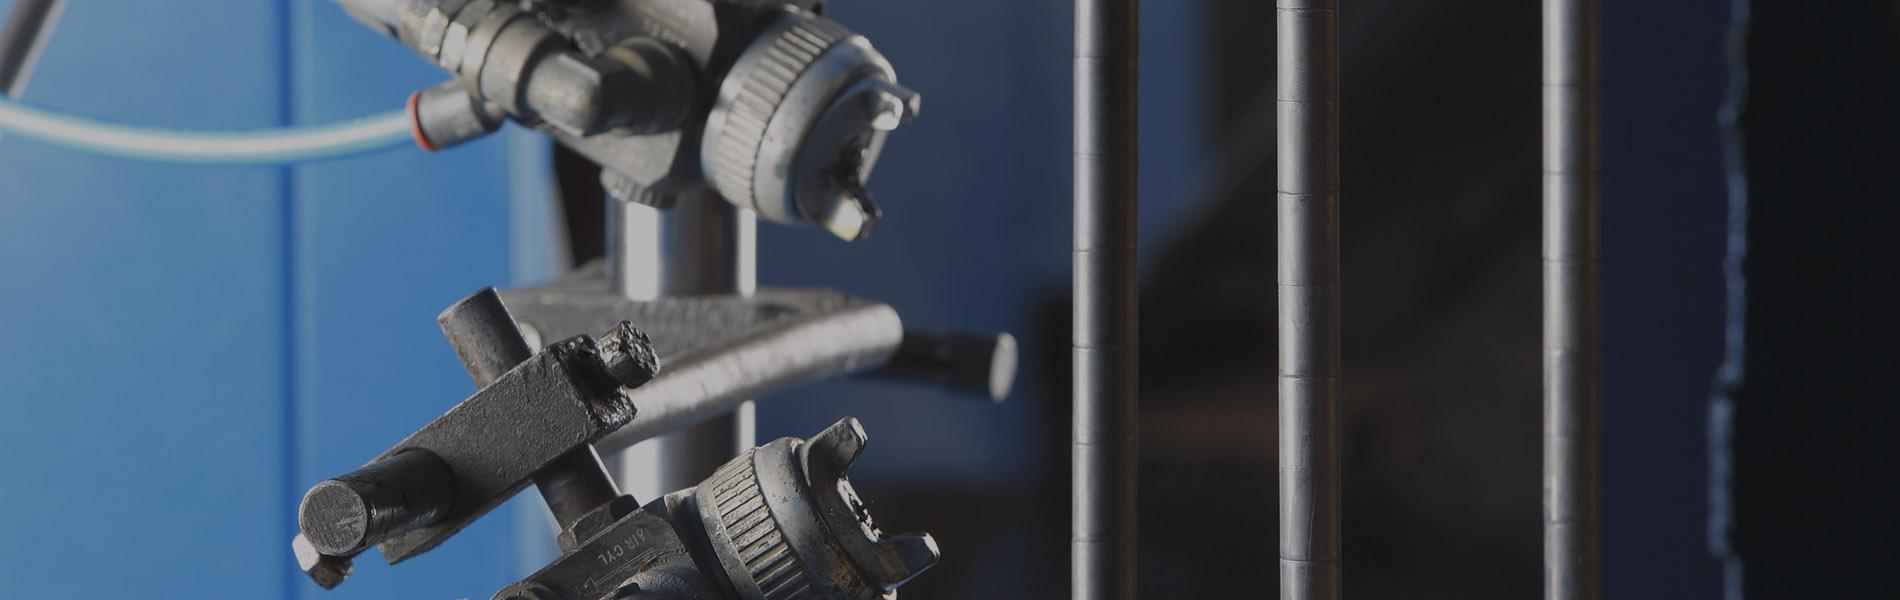 Cortugrop es especialista en realizar operaciones de desengrase, granallado, fosfatado y adhesivado en piezas de metal para automoción.